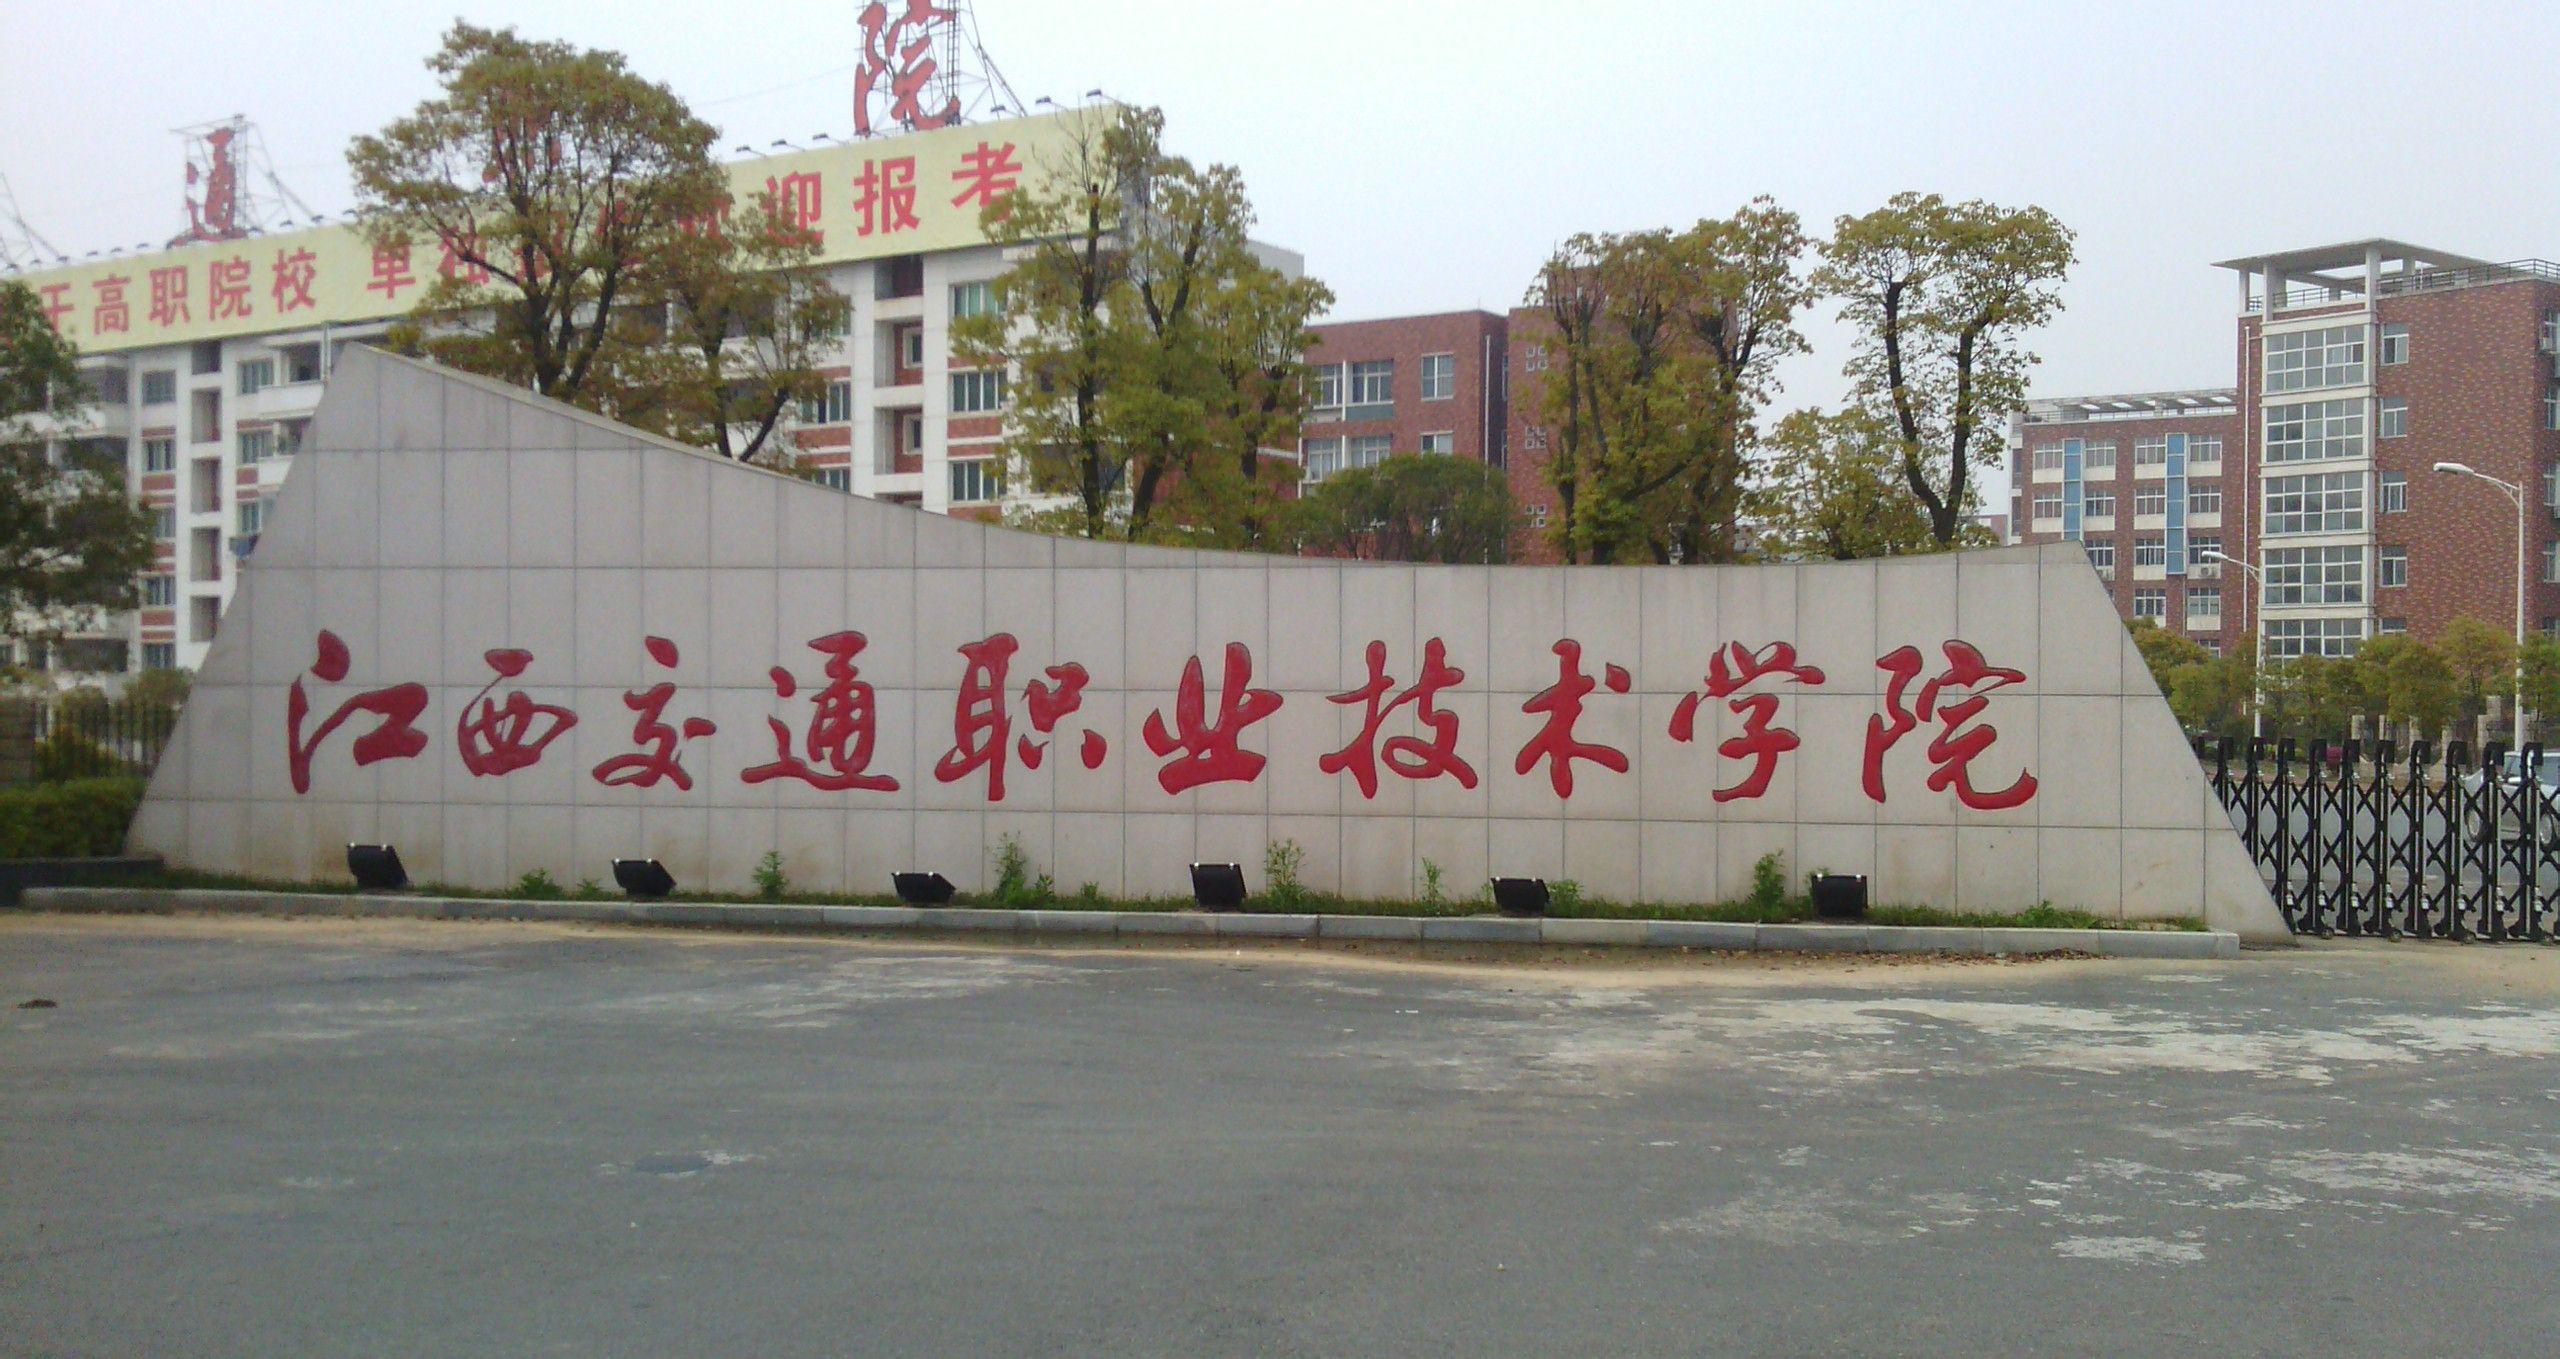 江西交通职业技术学院2013新生群:336456171.欢迎大家图片